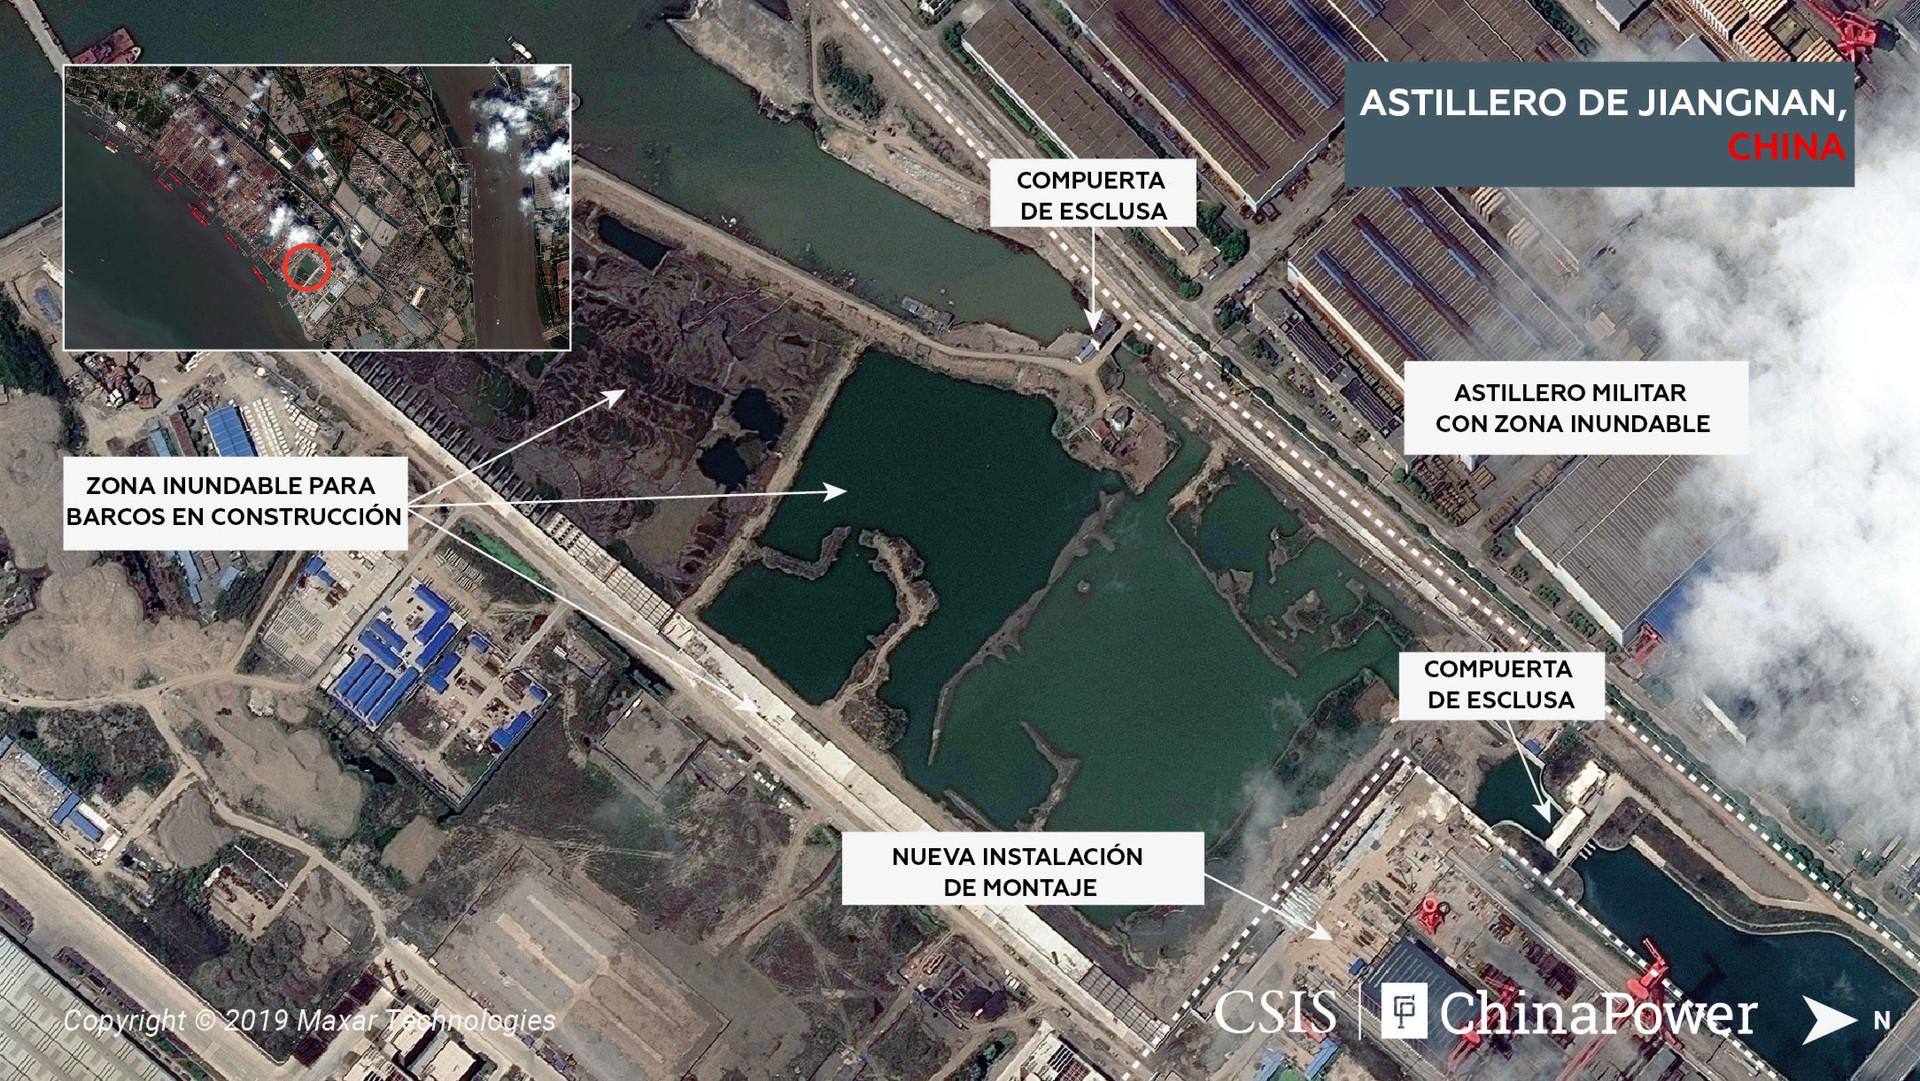 Portaaviones  Chinos  Noticias,comentarios,fotos,videos.  - Página 3 5cd1bf49e9180f1b7f8b456a